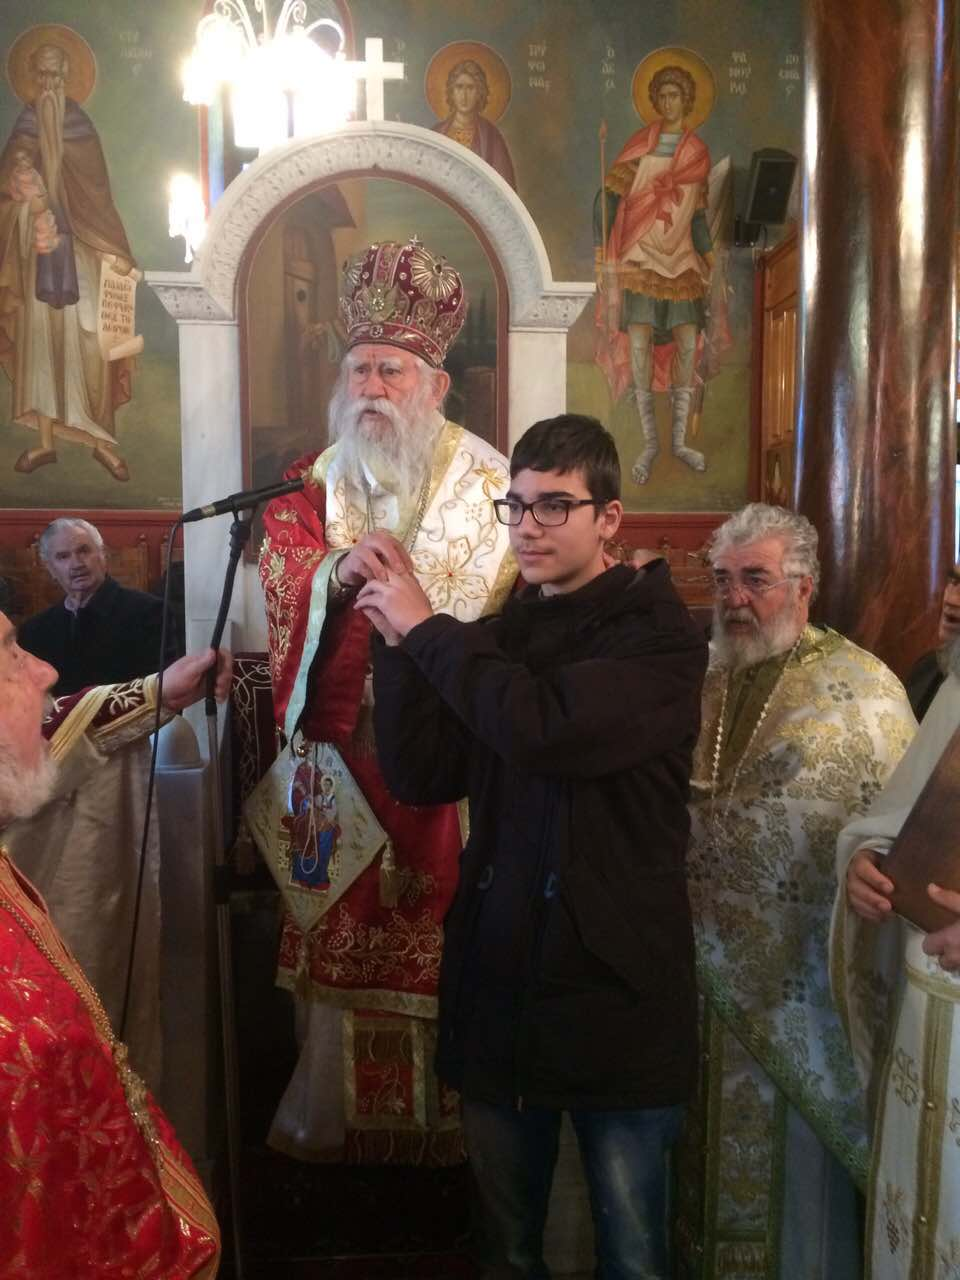 Χειροθεσία νέου Αριστομένη Κωνσταντόπουλου Ιερός ναός Αγίου Τρύφωνος Αμαλιάδας